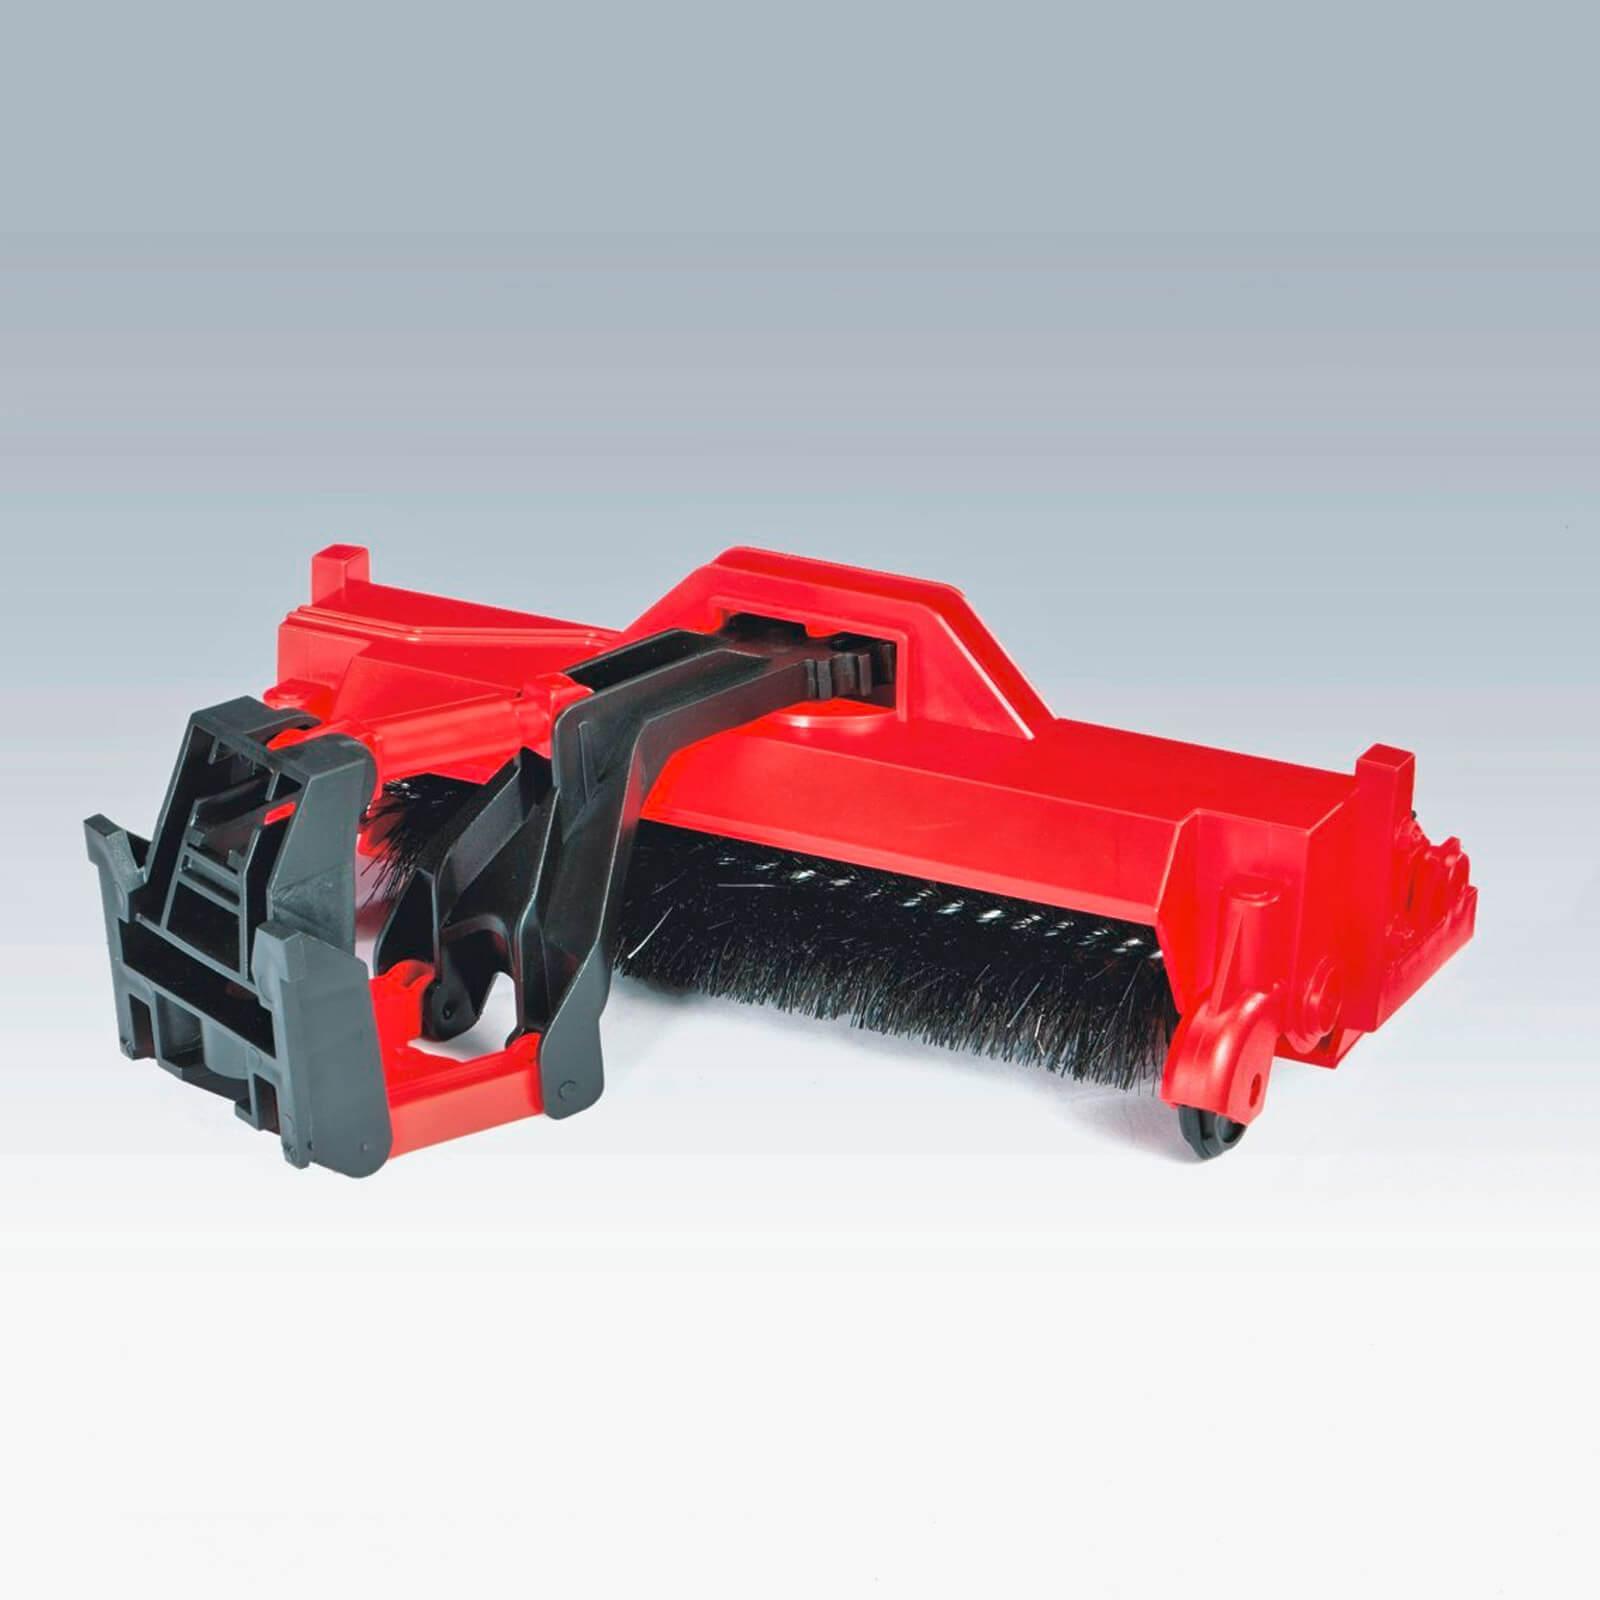 bruder kehrmaschine f r mb unimog traktor 02583. Black Bedroom Furniture Sets. Home Design Ideas